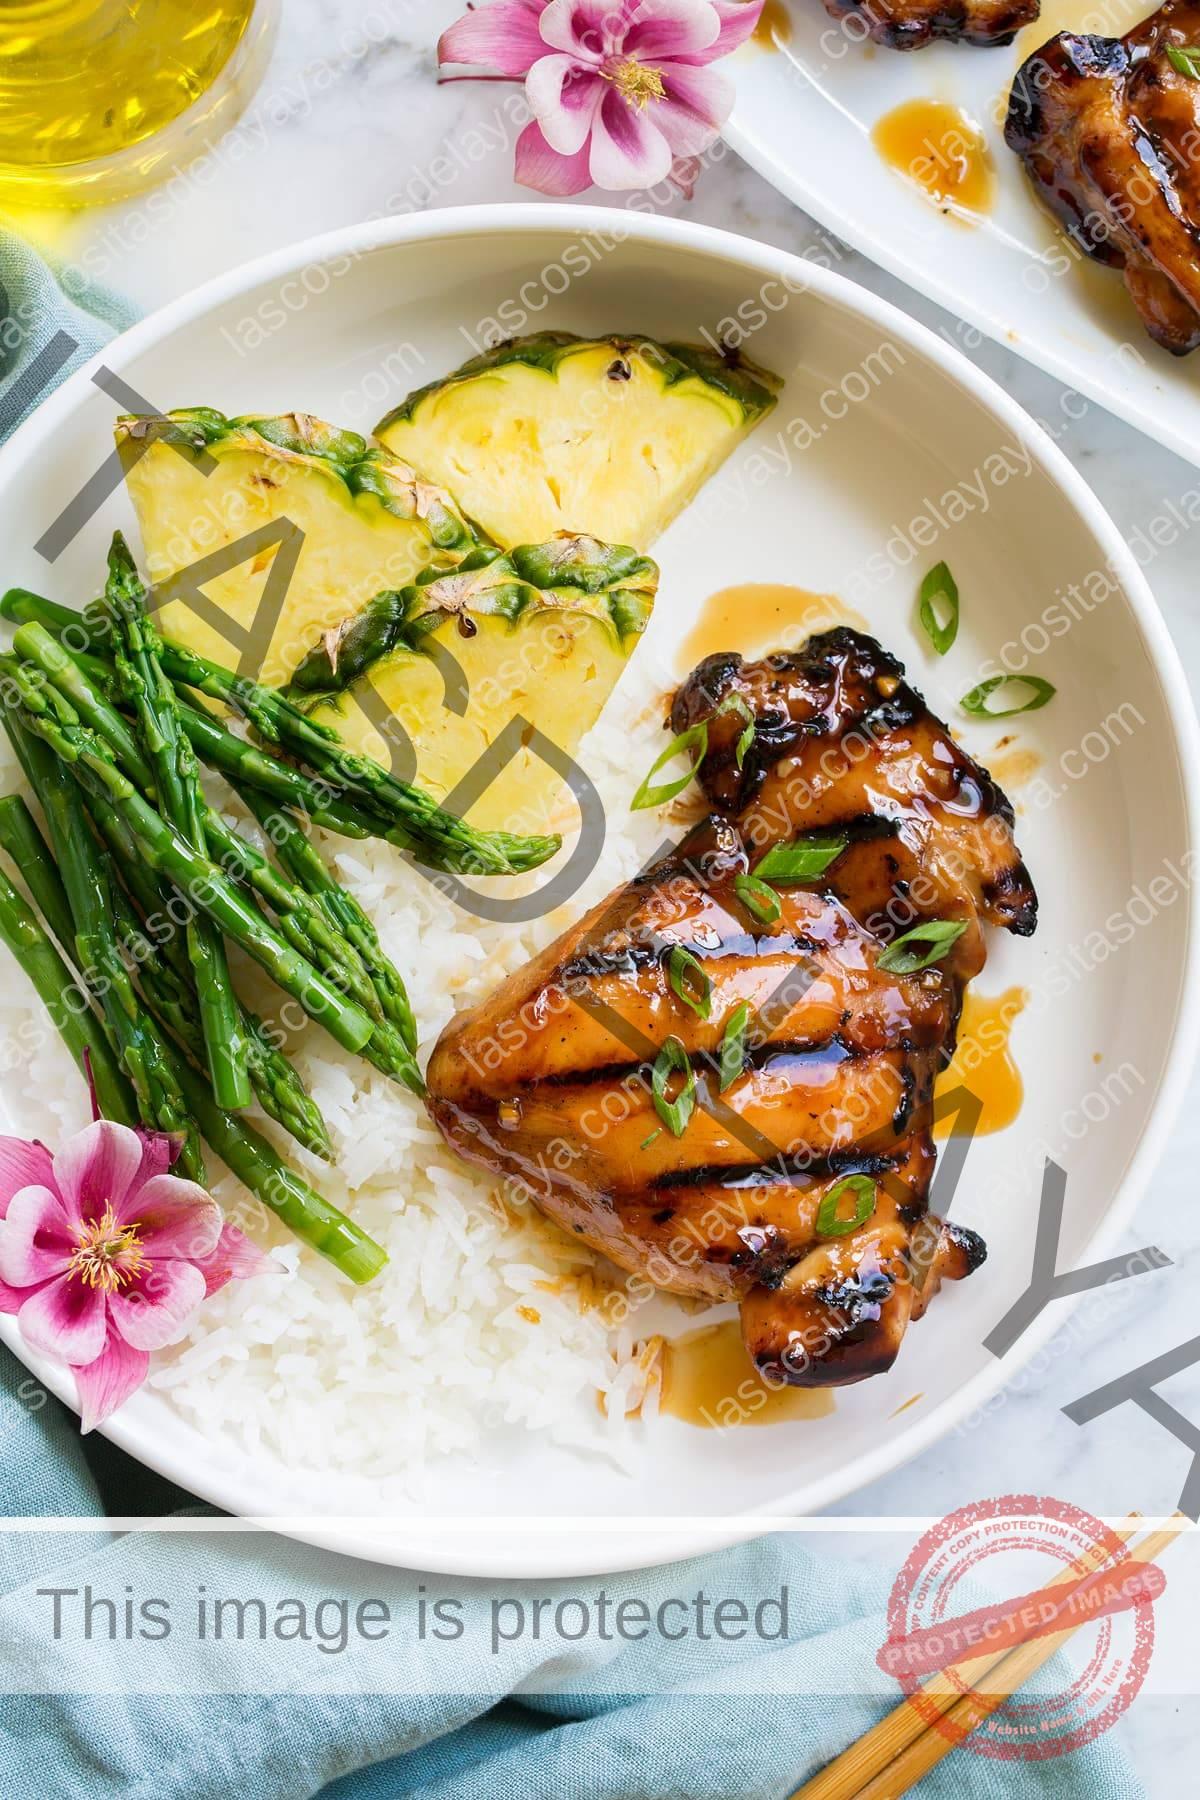 Trozo de pollo teriyaki marinado y a la plancha servido con arroz, espárragos y piña fresca.